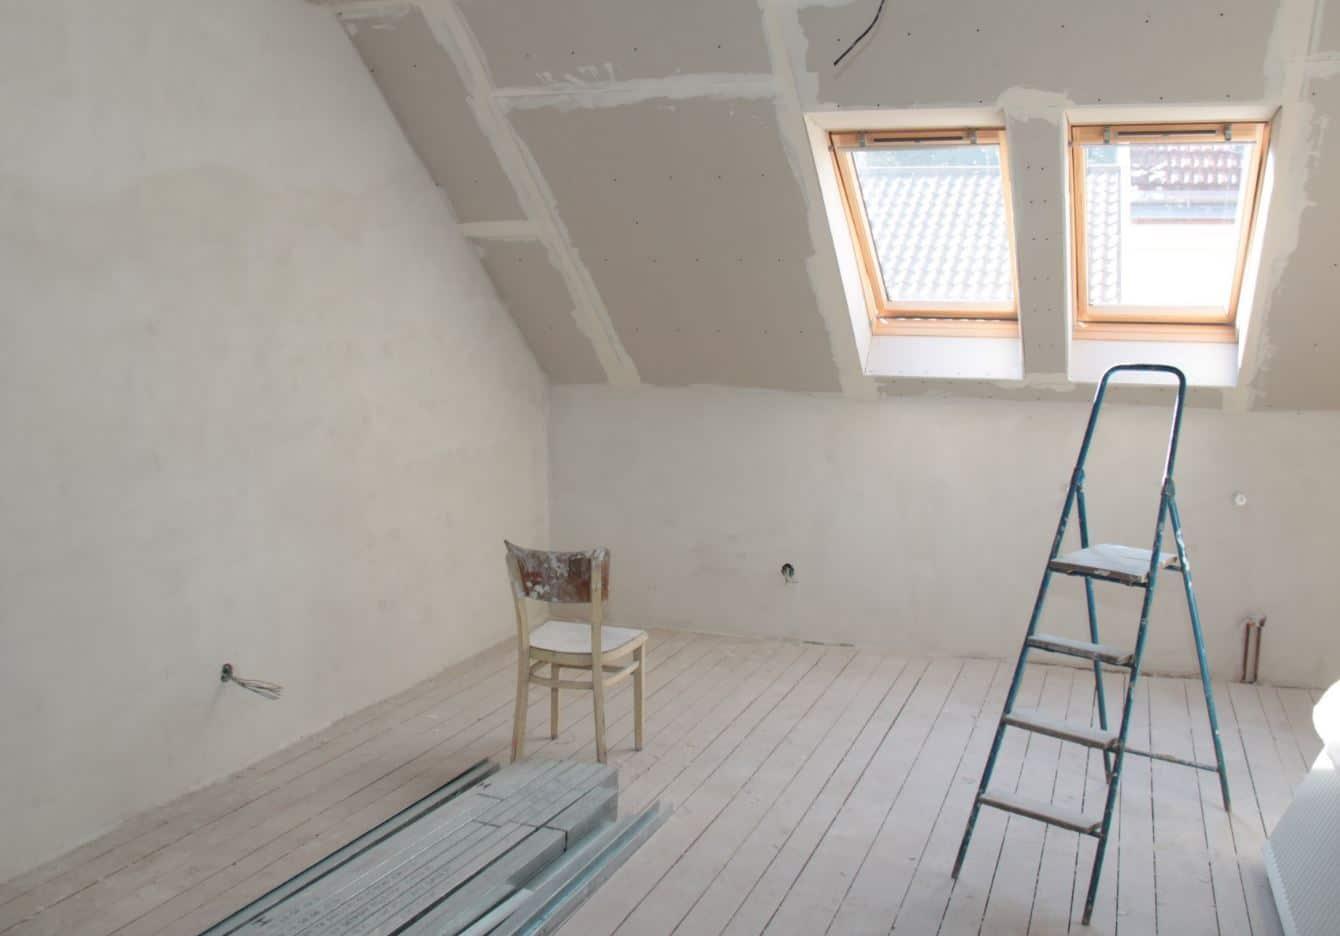 isolation des combles par l 39 int rieur devis gratuit. Black Bedroom Furniture Sets. Home Design Ideas